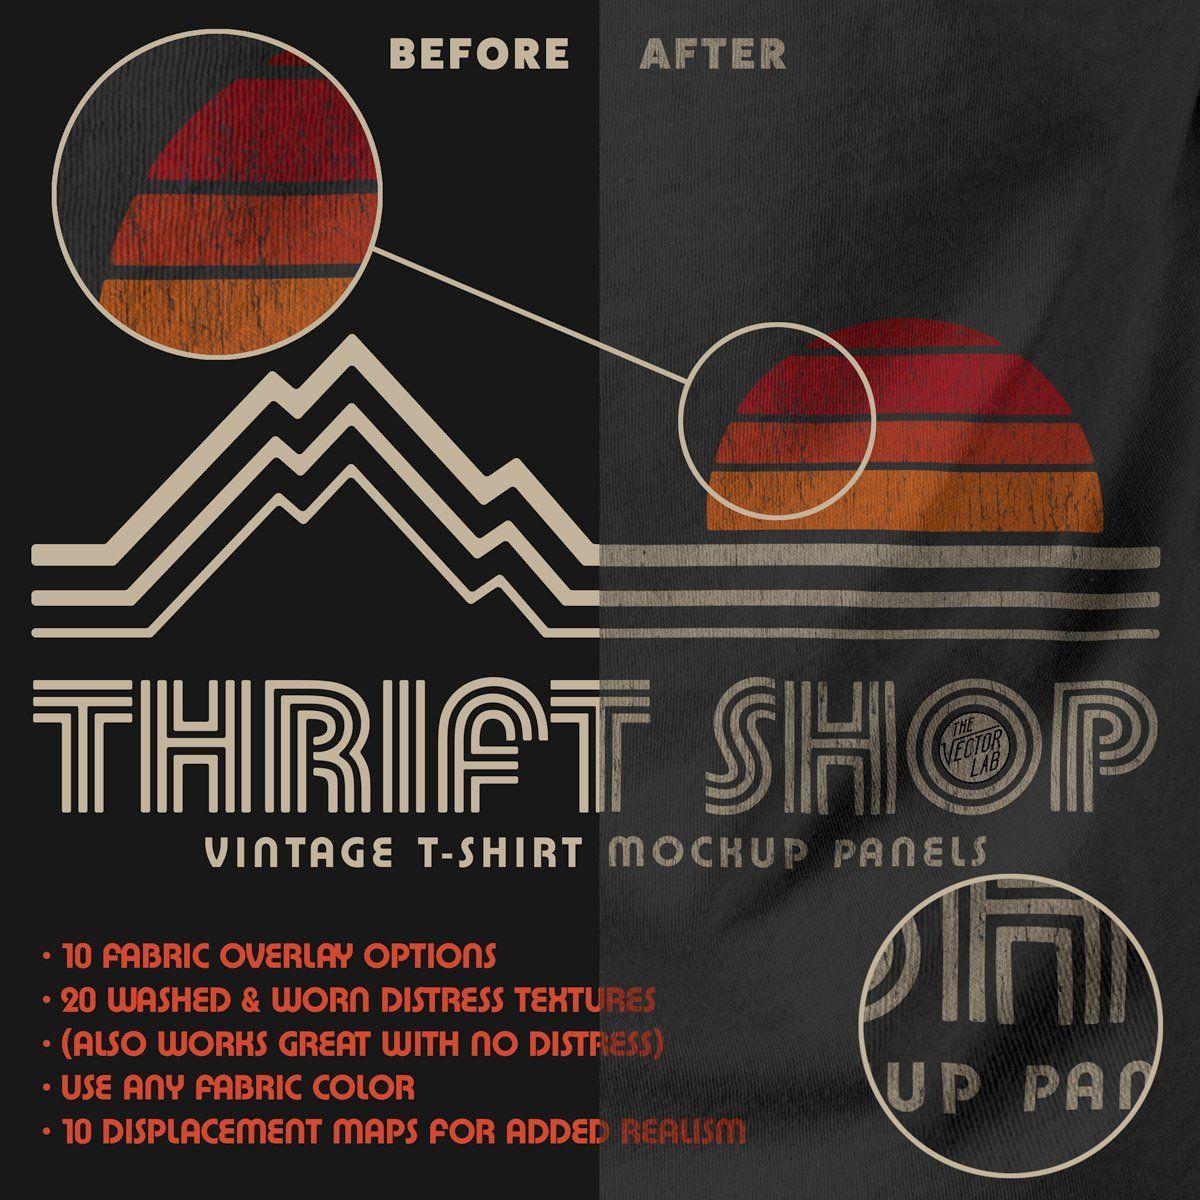 Thrift Shop Vintage T Shirt Texture Template Photoshop Design Photoshop Tutorial Graphics Photoshop Tutorial